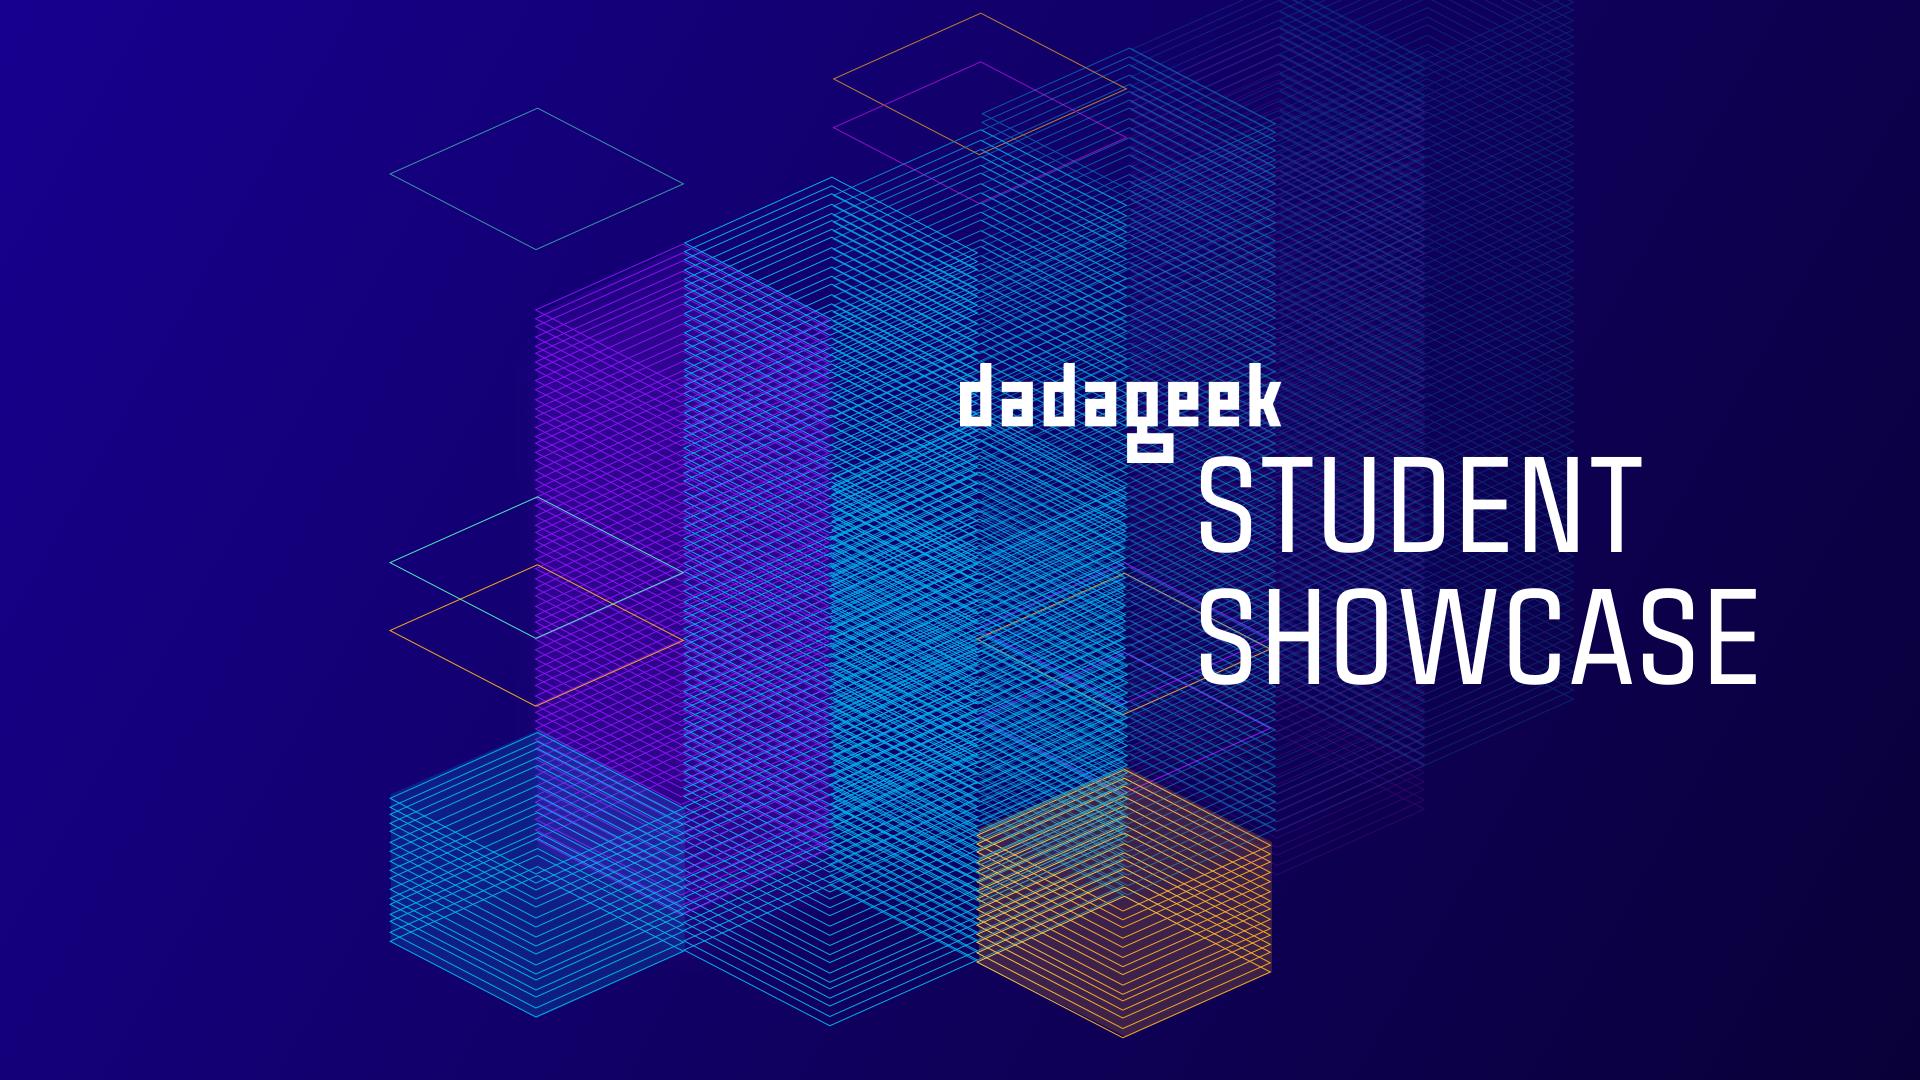 dadageek-studentshowcase-websitecopy.png